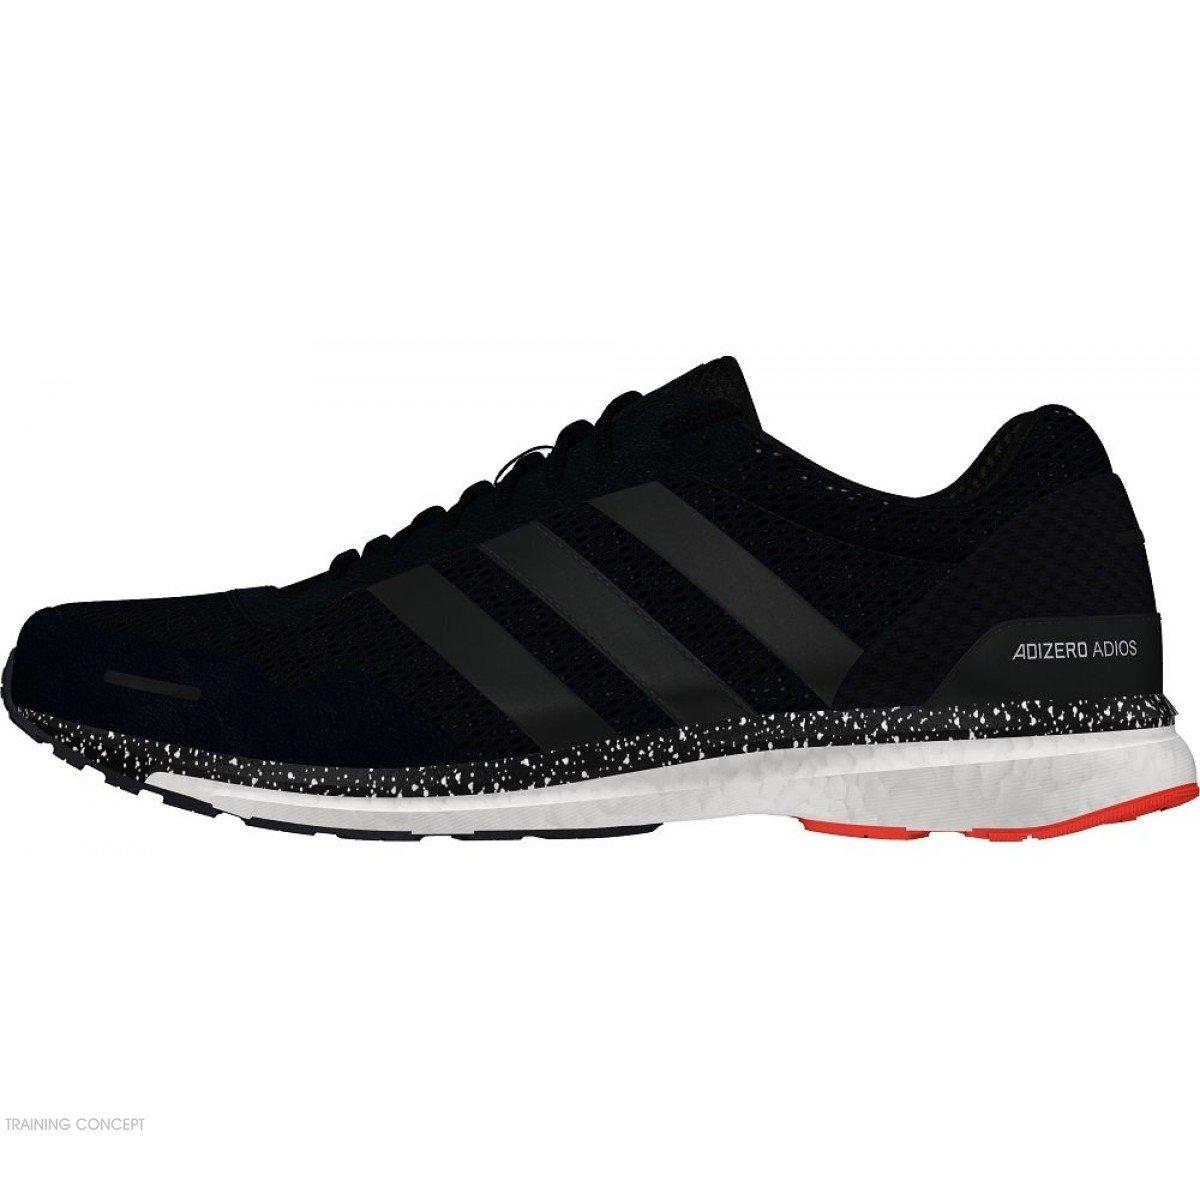 Adidas Adios Cm8356 Adizero Adidas Cm8356 Adizero Boost Adidas Boost Adios QCEBrWxdoe